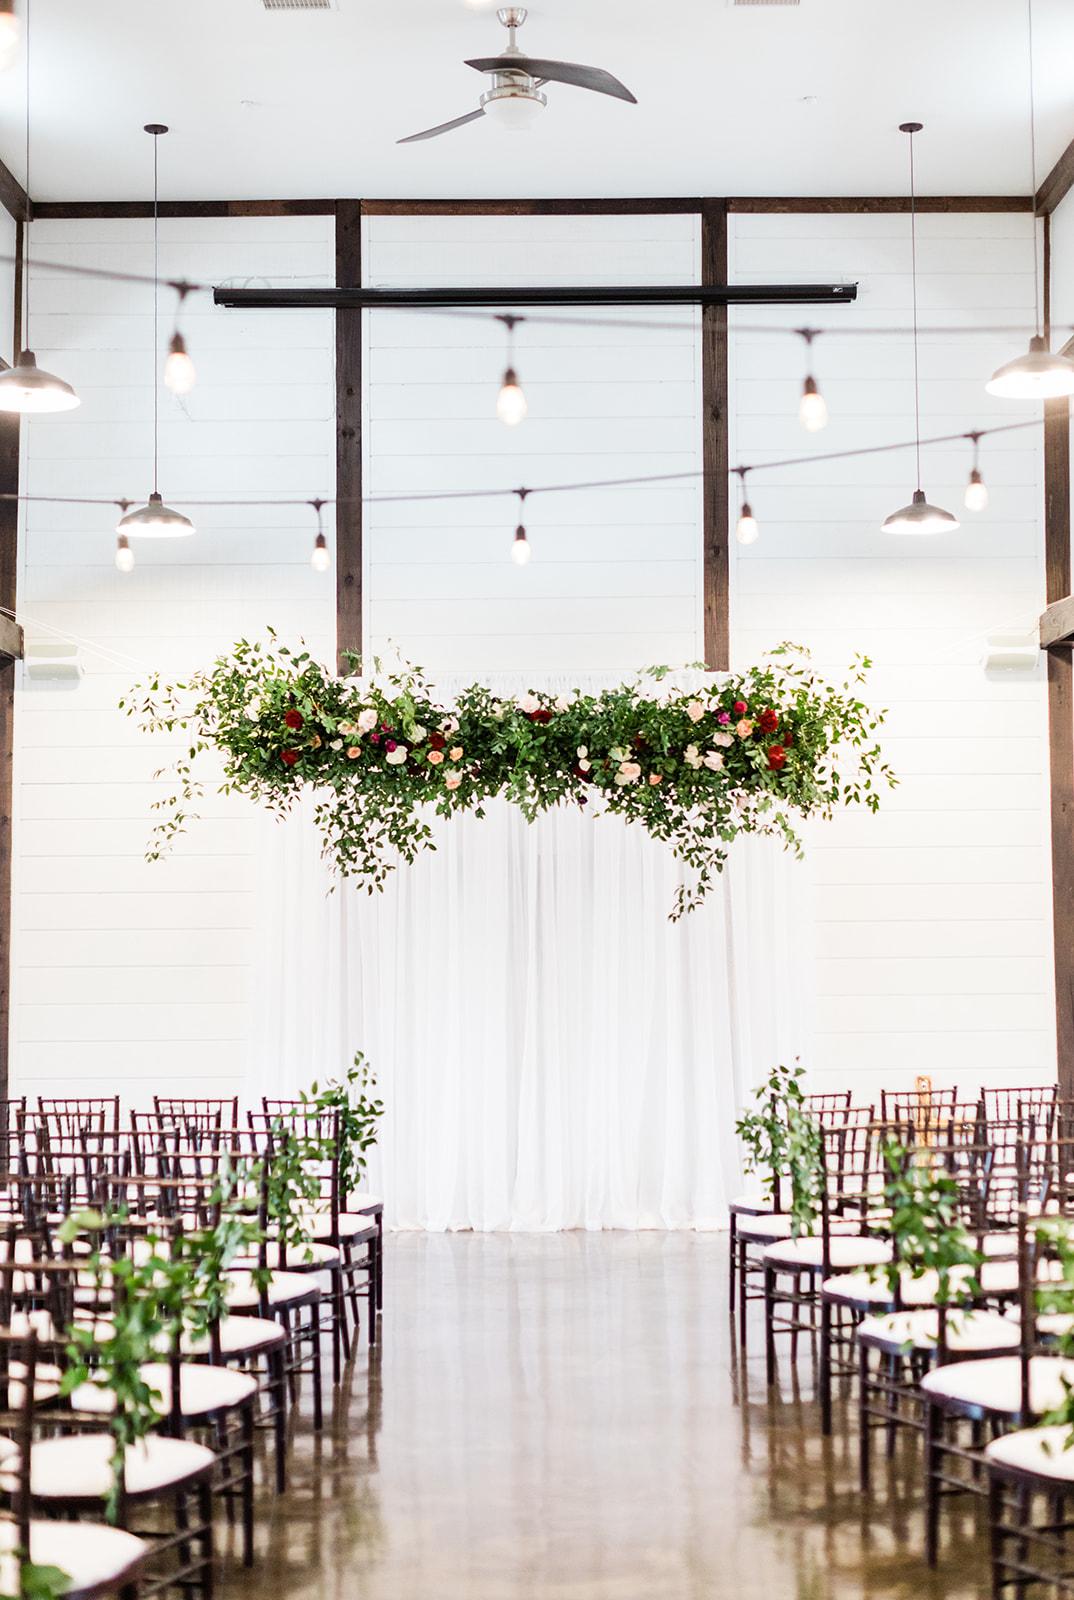 Bixby Tulsa Wedding Venues 4.jpg